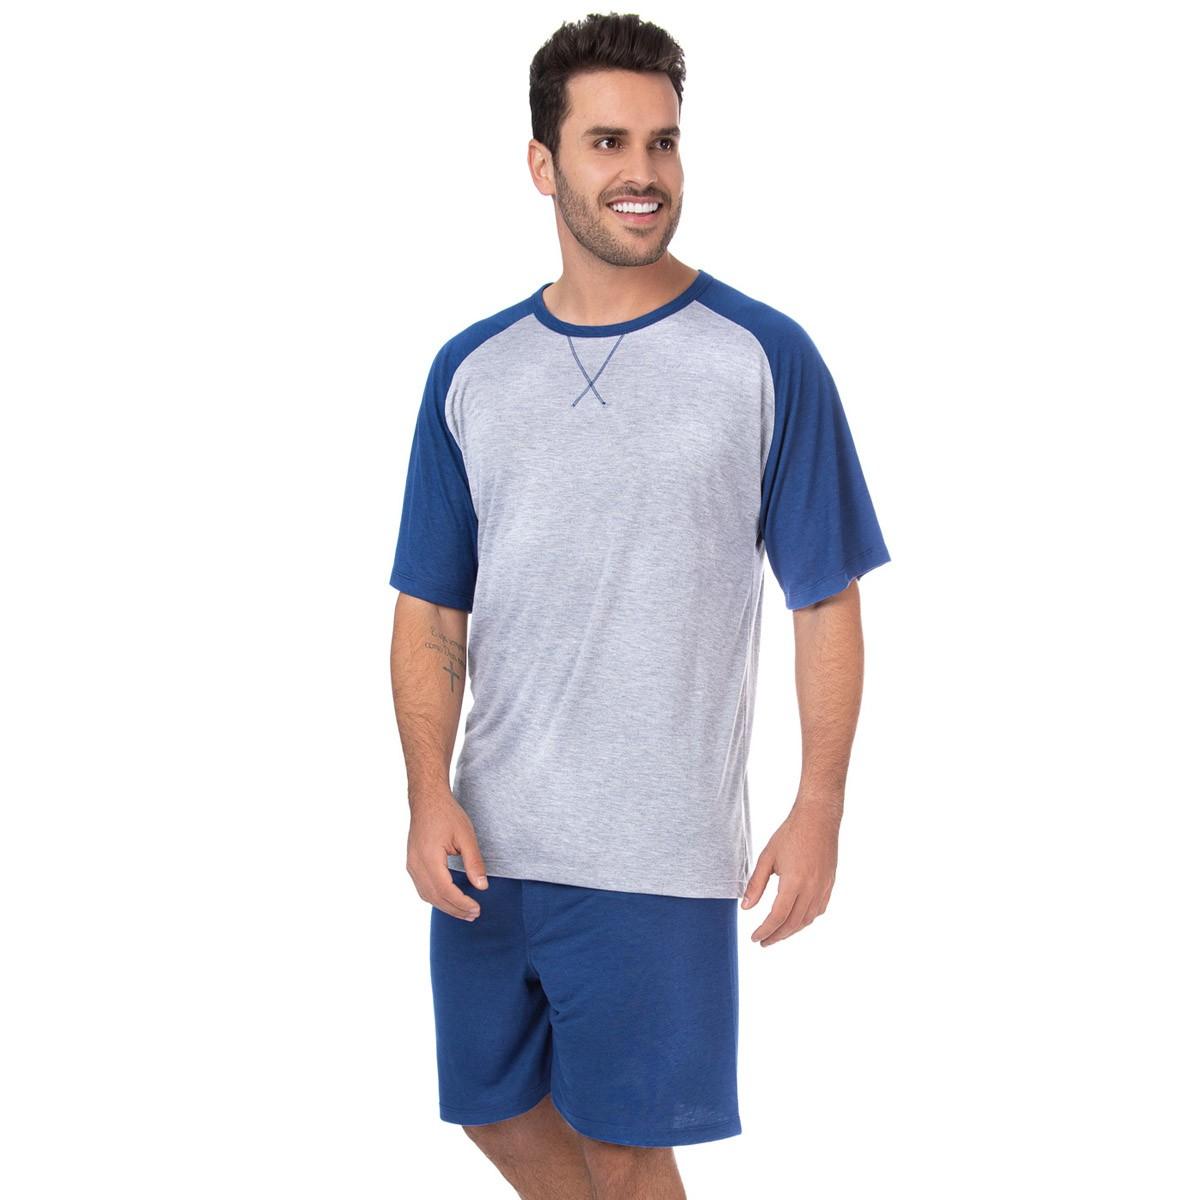 Pijama masculino manga curta para o verão Victory